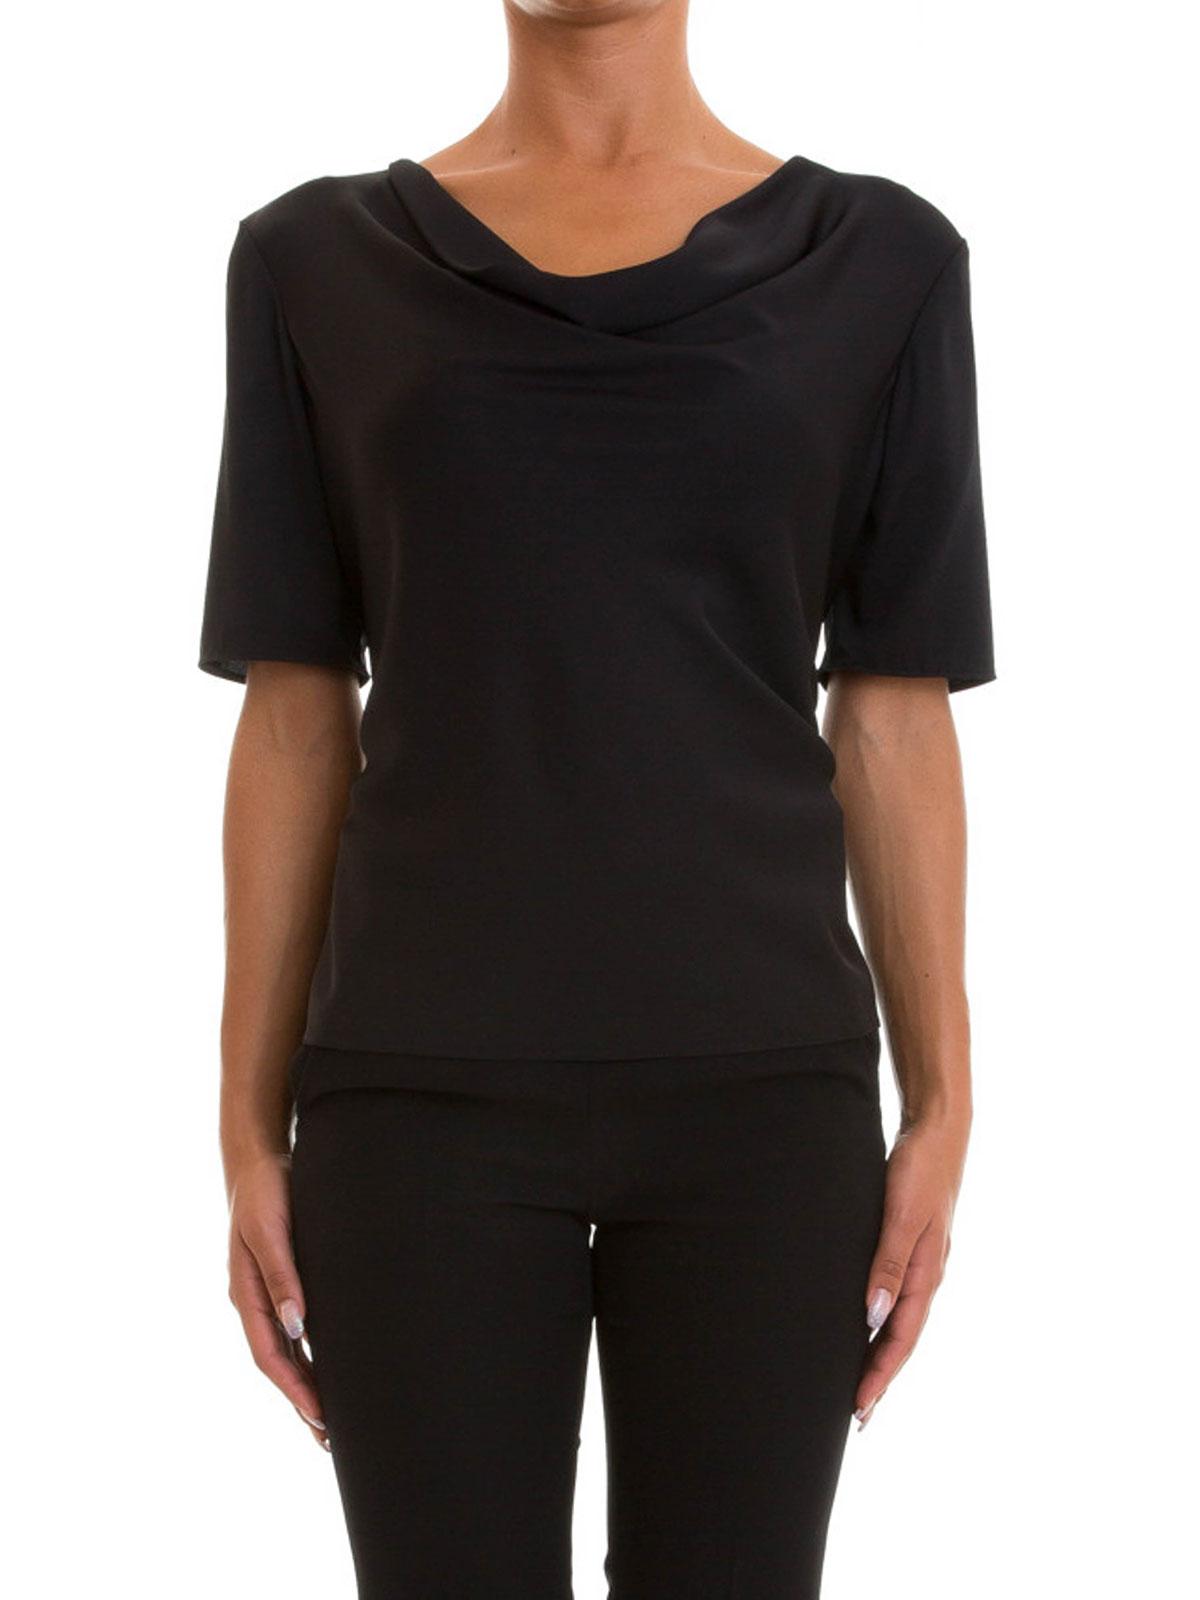 Para Armani Camiseta Collezioni Mujer Camisetas Negra qAx6g6wHR